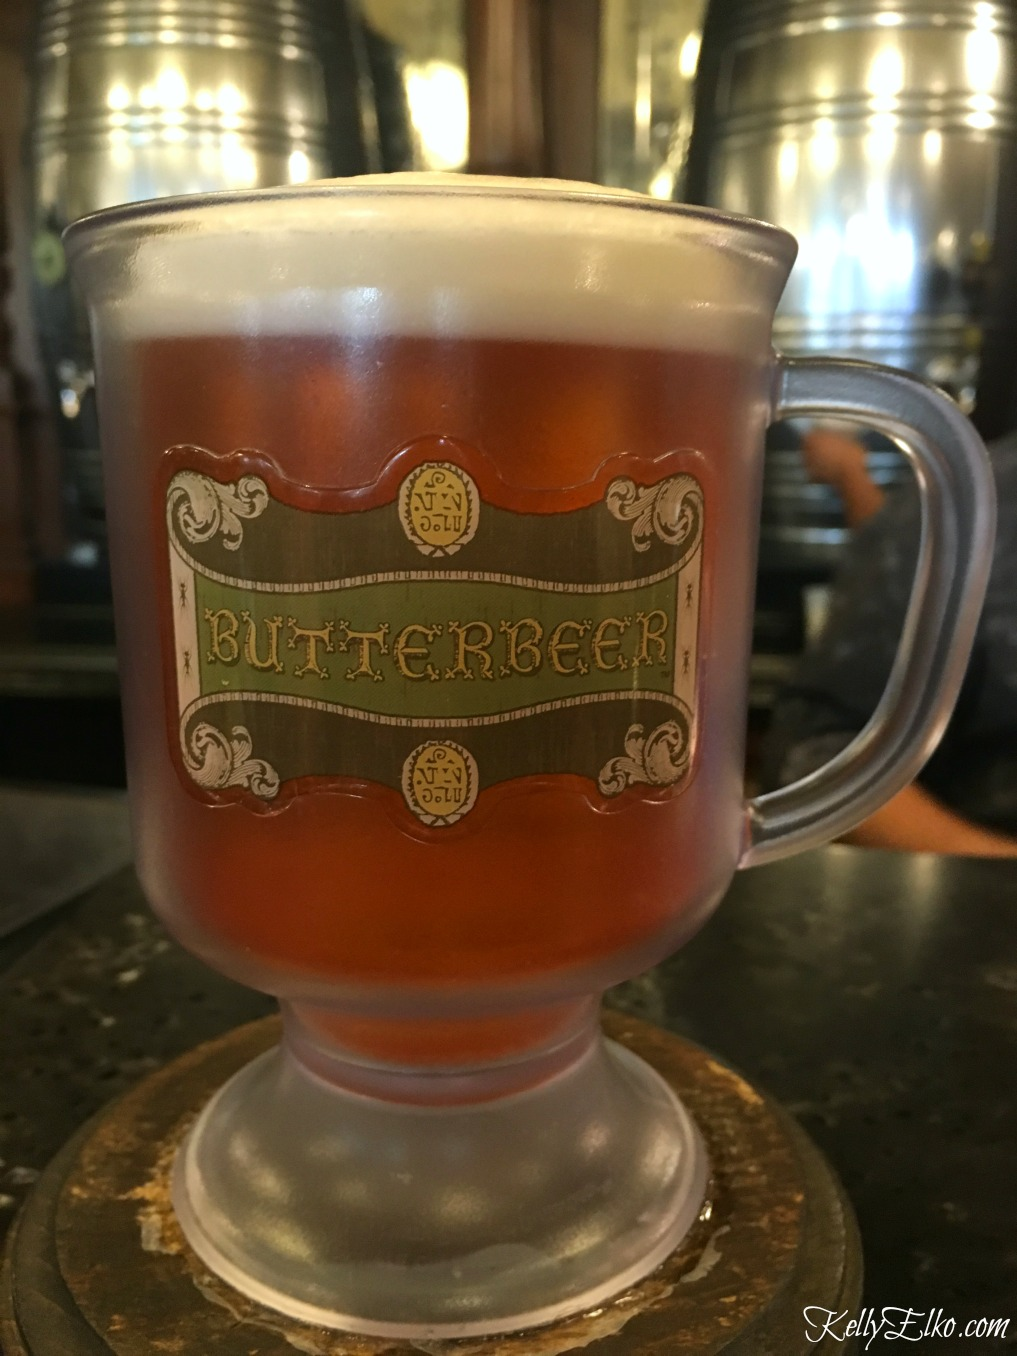 Butter Beer at Universal Studios Orlando kellyelko.com